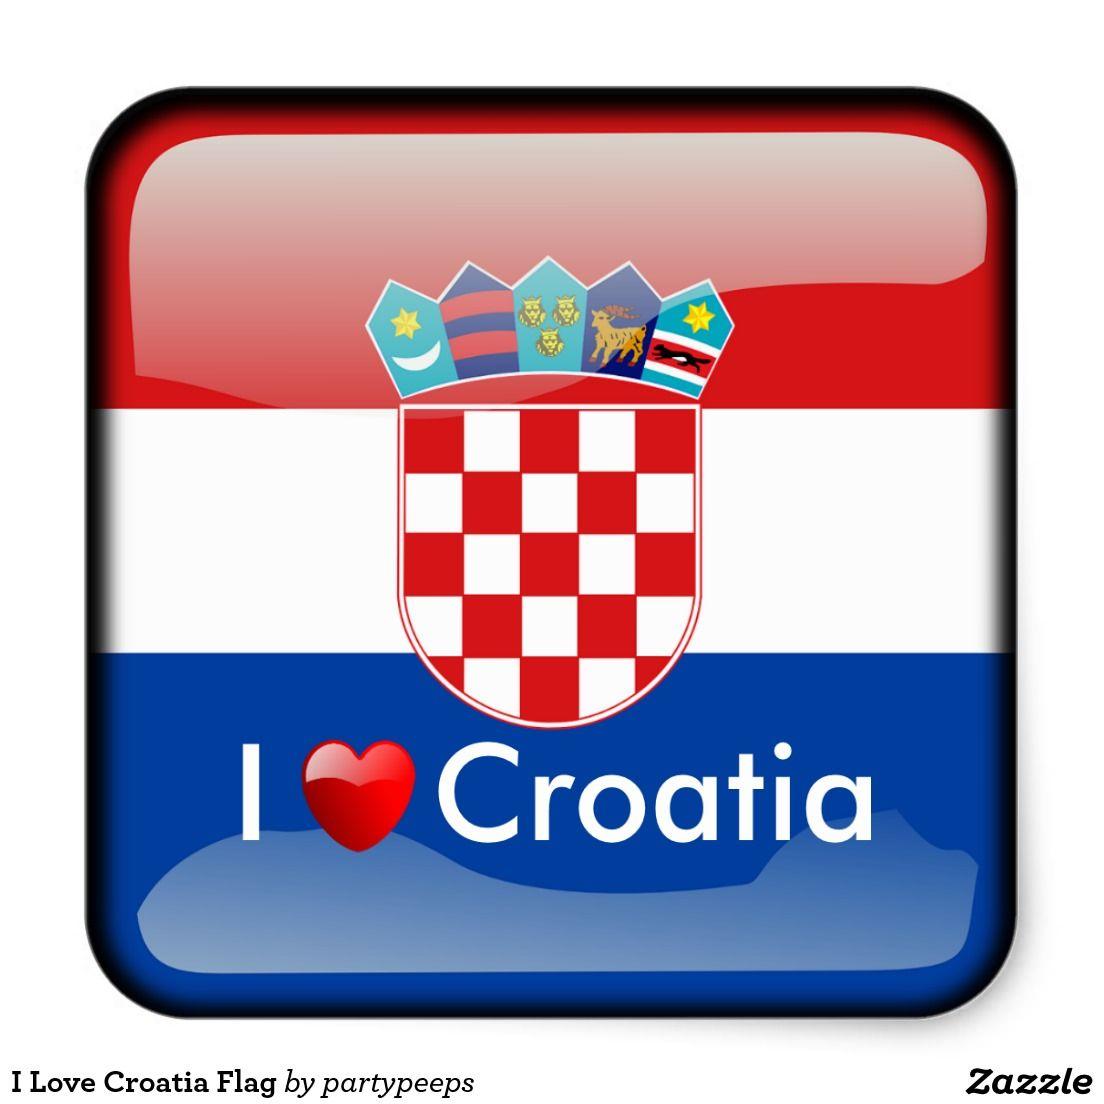 I Love Croatia Flag Square Sticker Kroatische Flagge Kroatien Flagge Kroatien